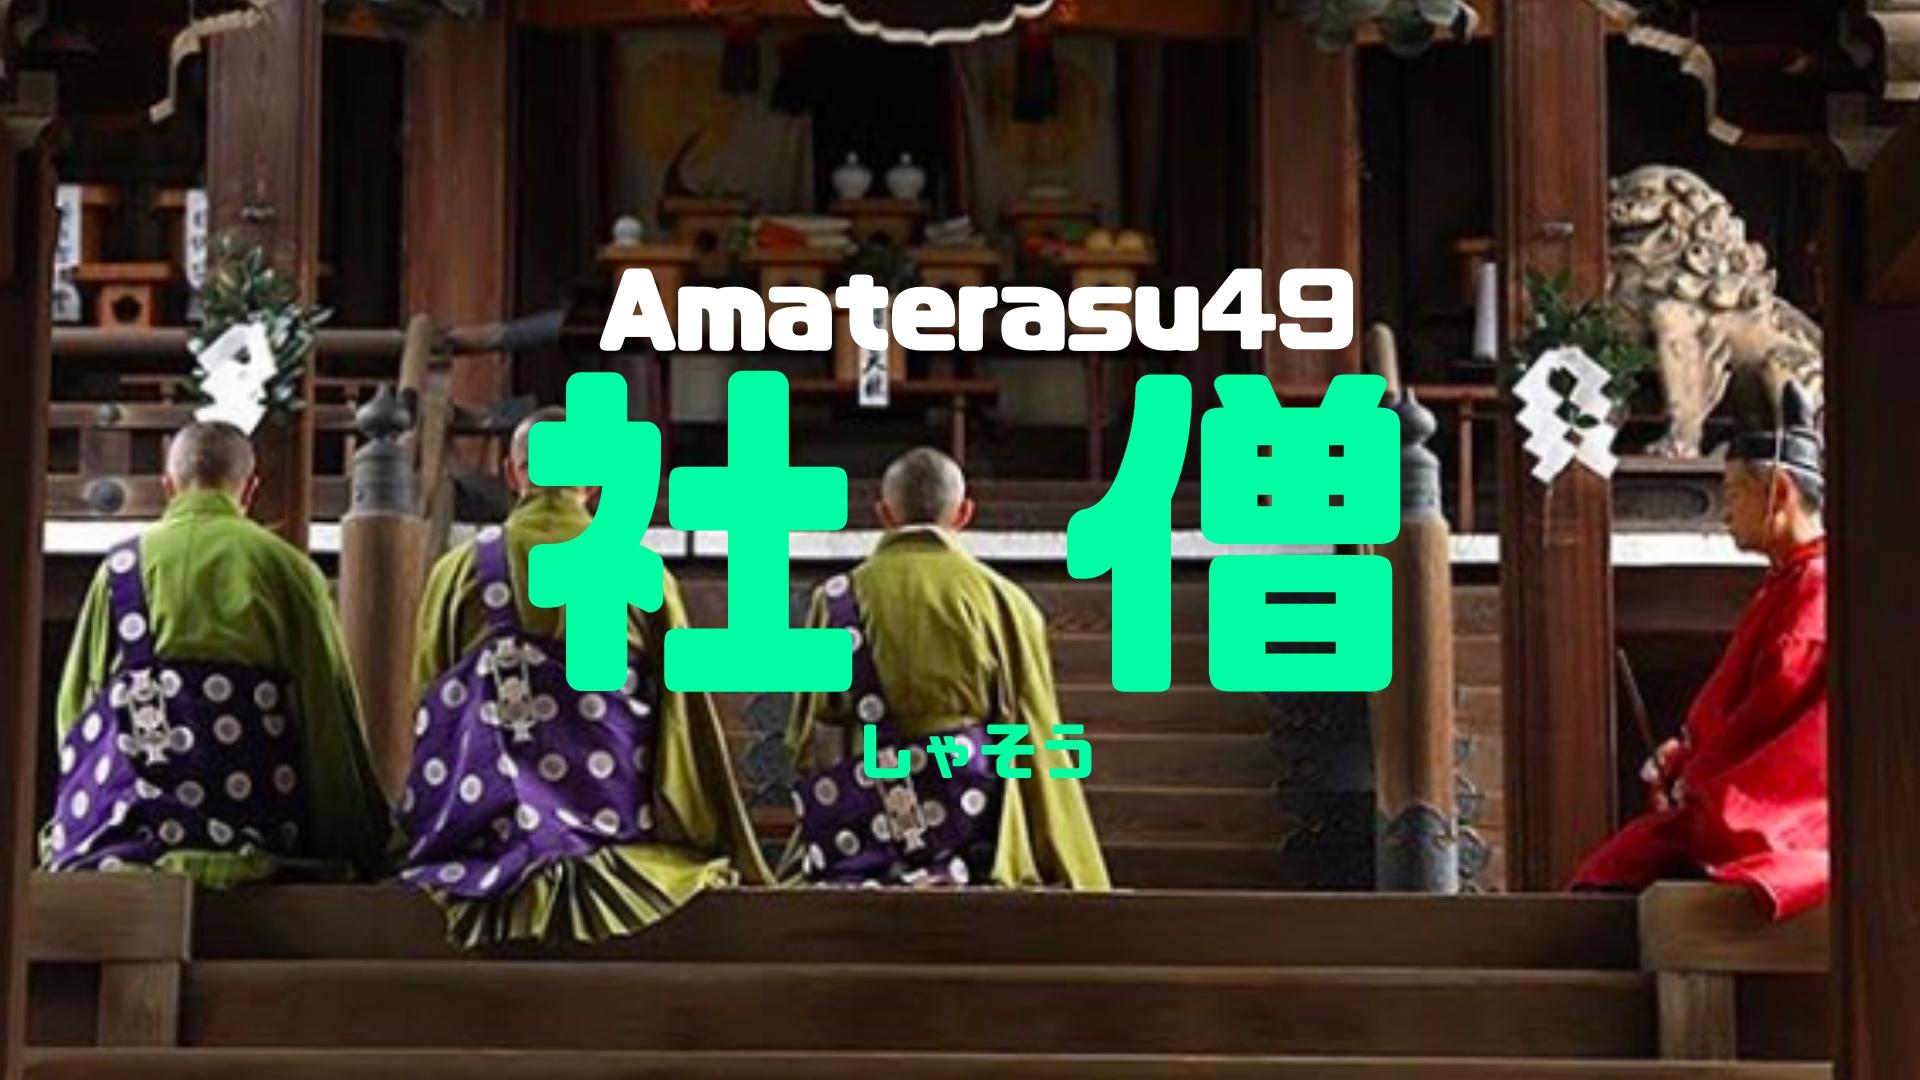 社僧とは?意味や役職を解説!神社との関係や別当や宮司についても紹介